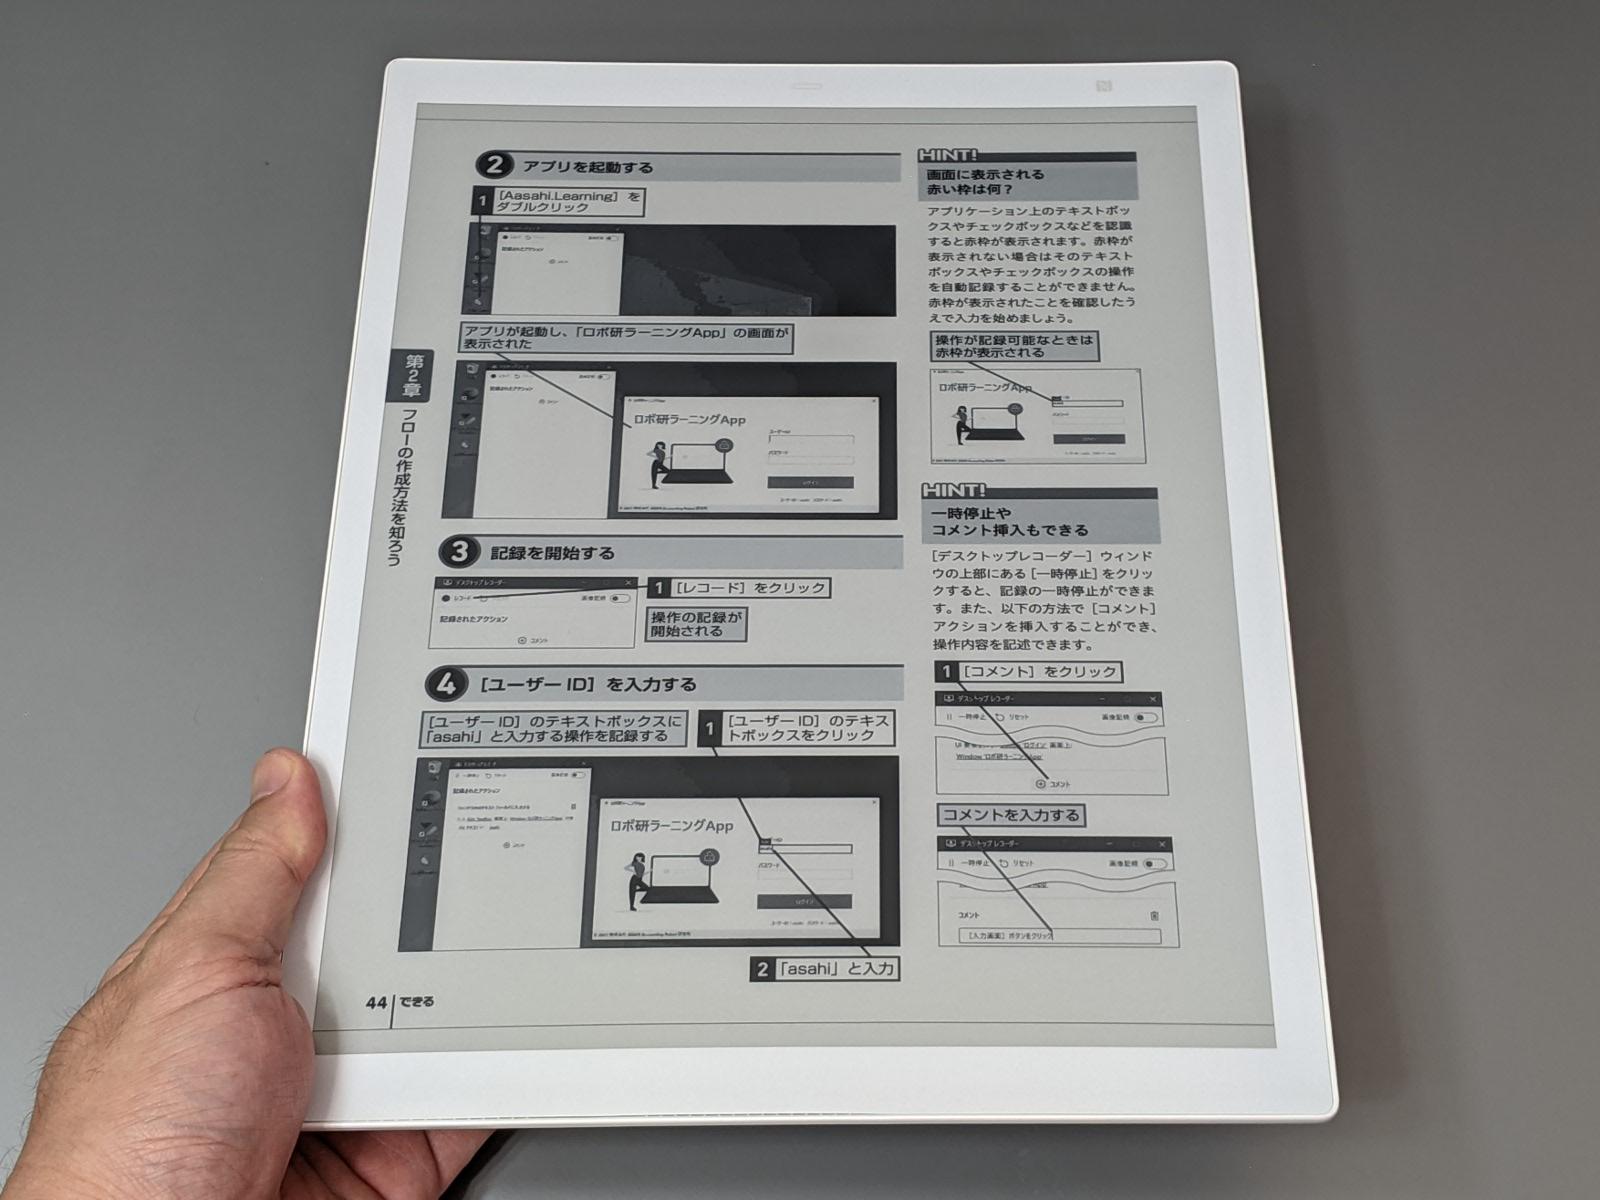 単ページ表示。多くの技術書を原寸大表示できる。ただしE Ink電子ペーパーということでモノクロ表示となる